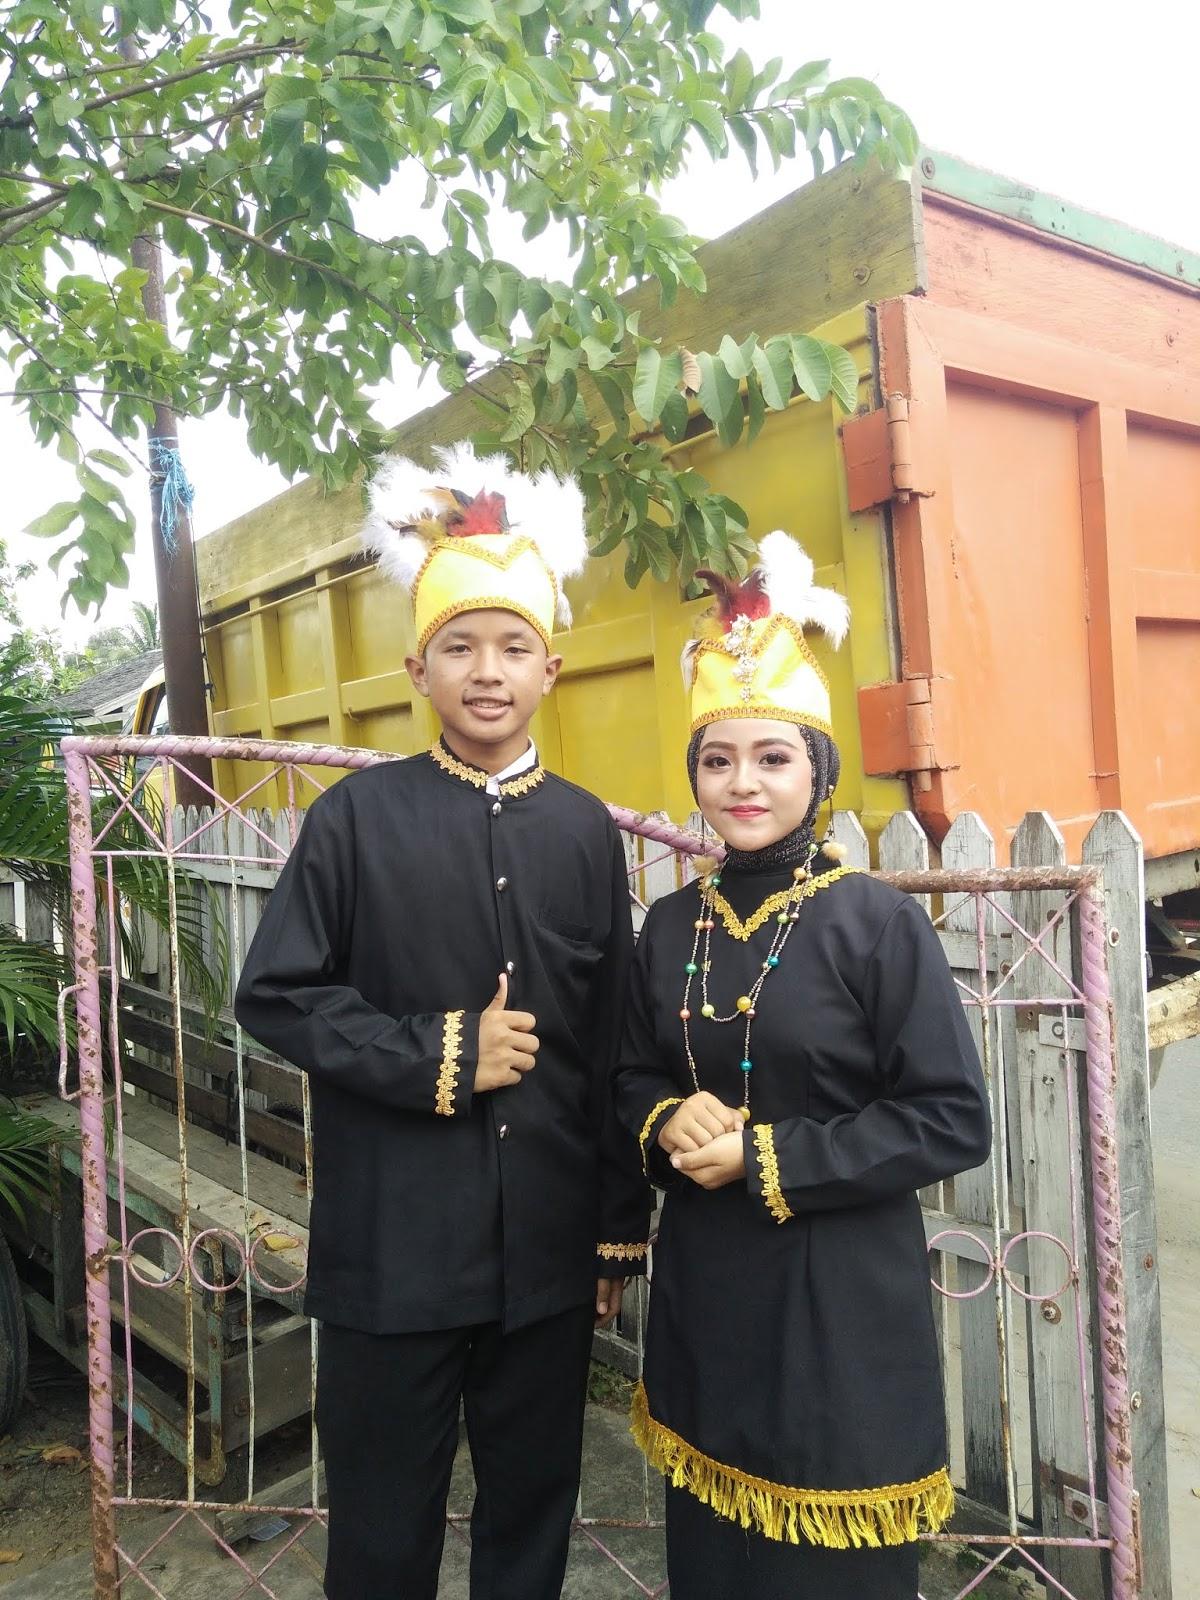 Contoh Pakaian Adat Kalimantan Utara